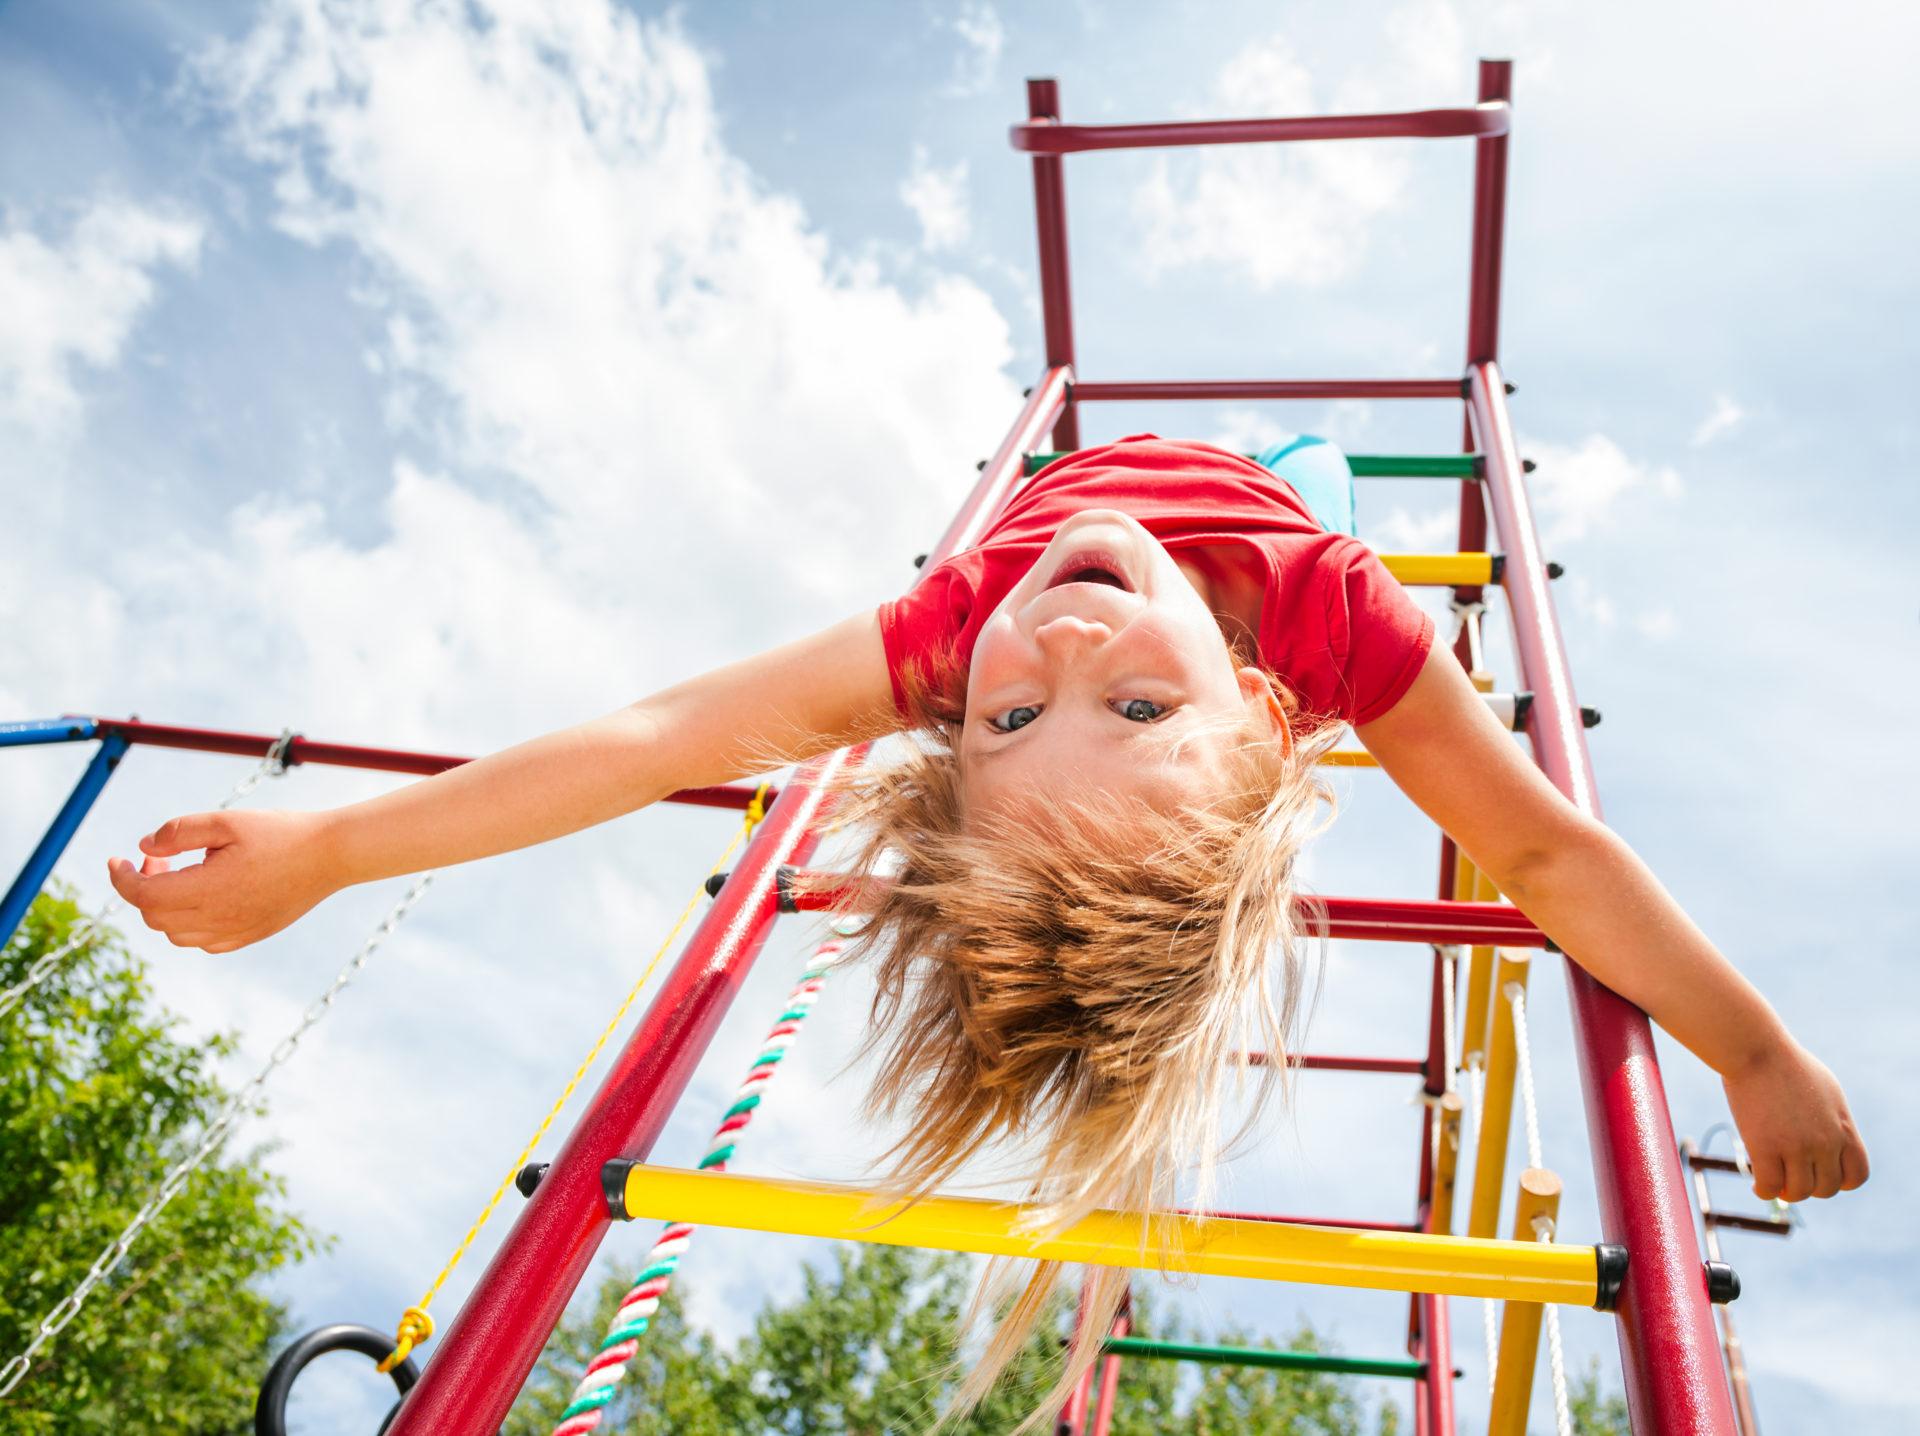 Dziewczynka bawi się na placu zabaw